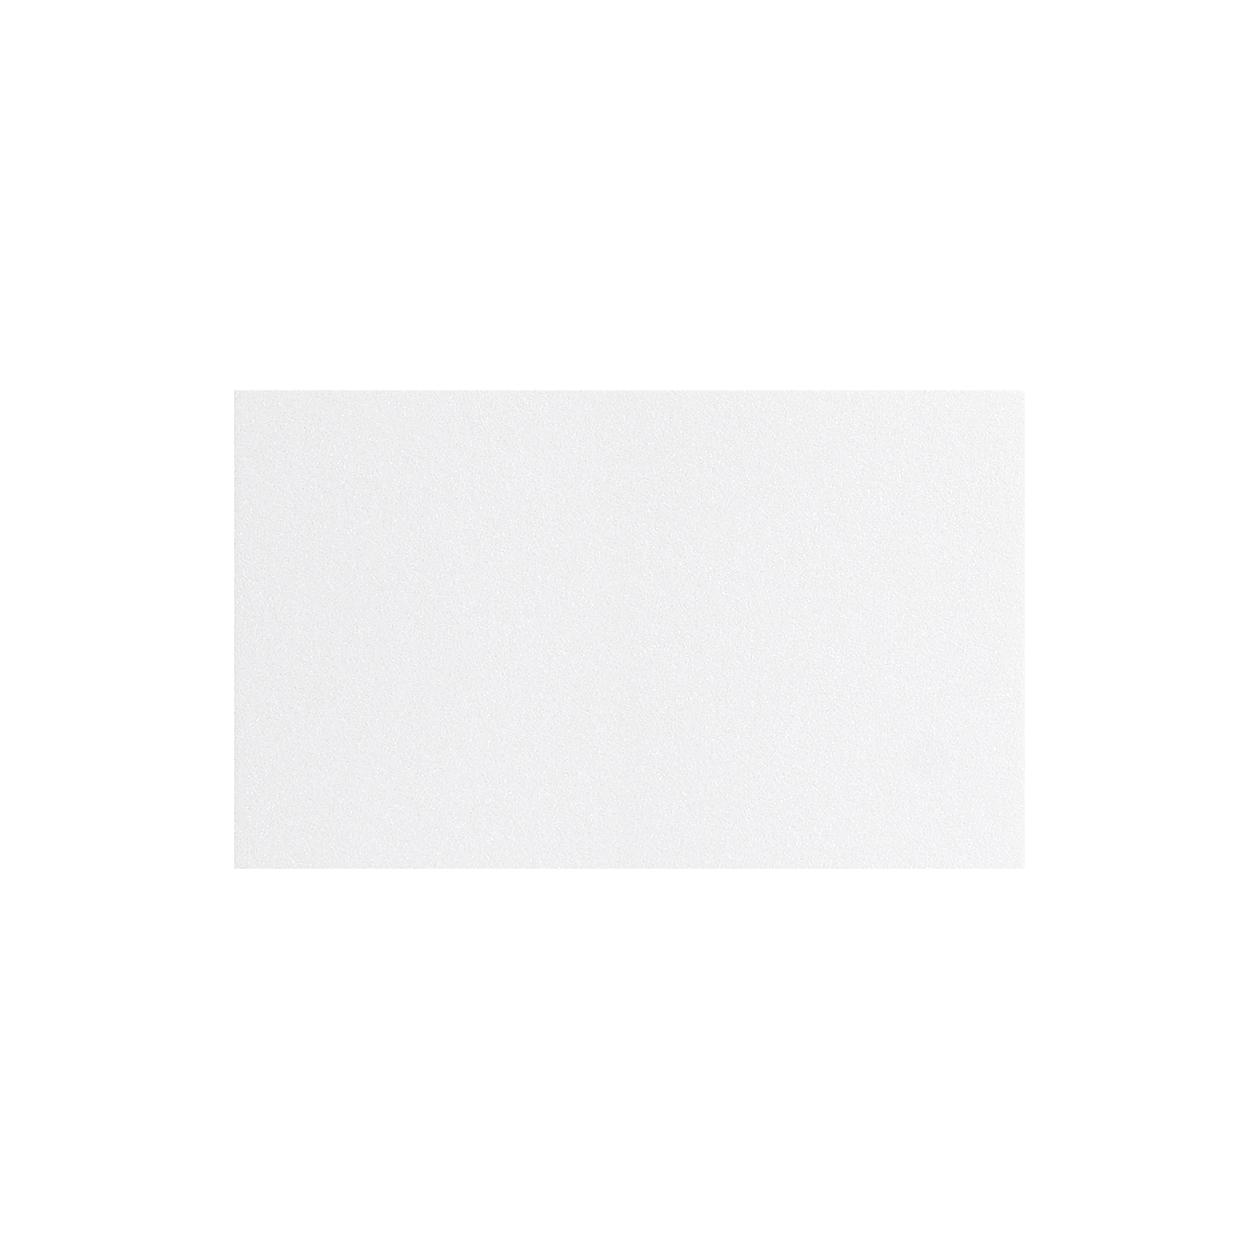 ネームカード コットンパール スノーホワイト 241.8g